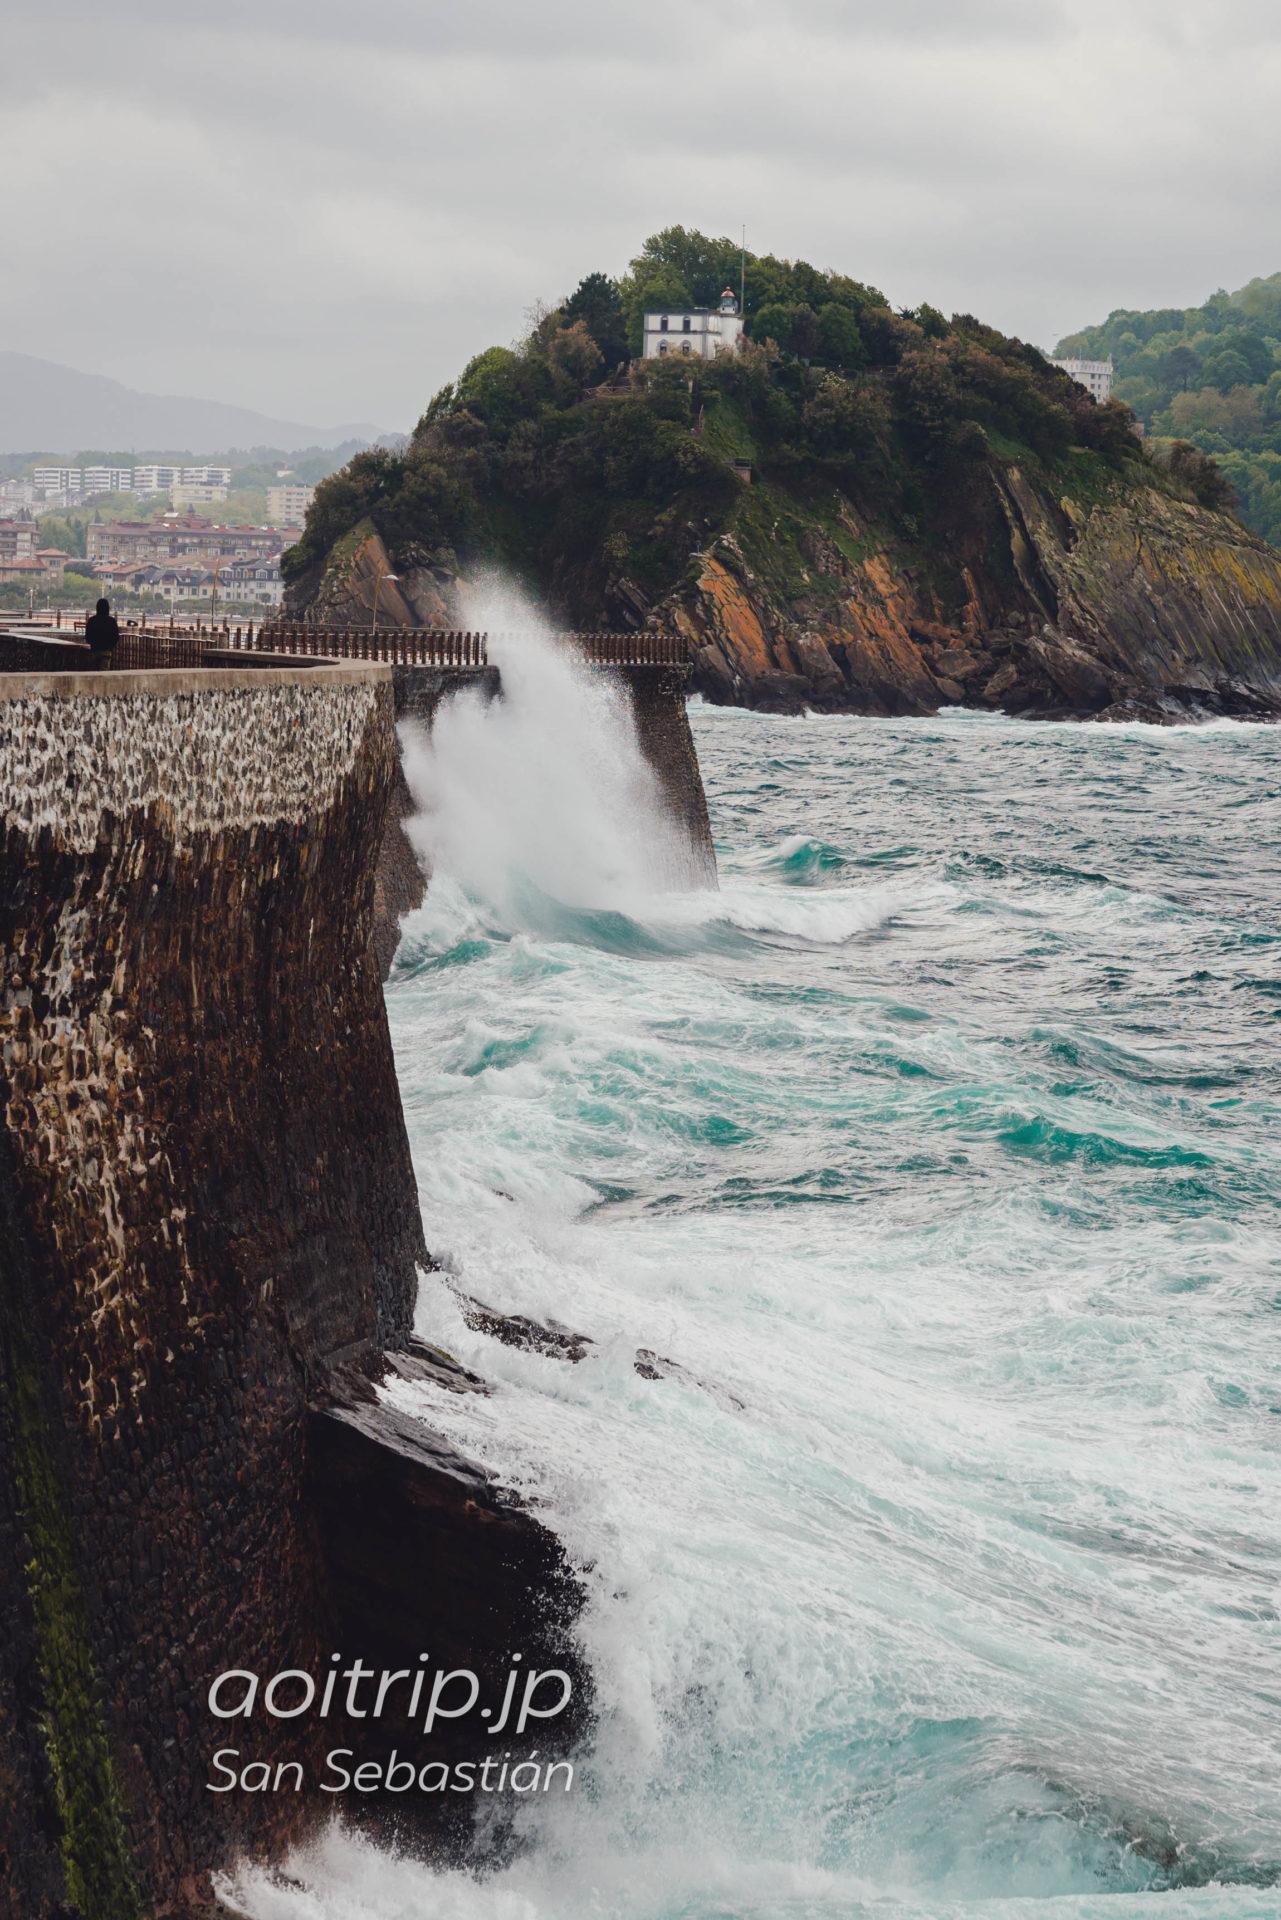 サンセバスティアン旧市街の岩壁